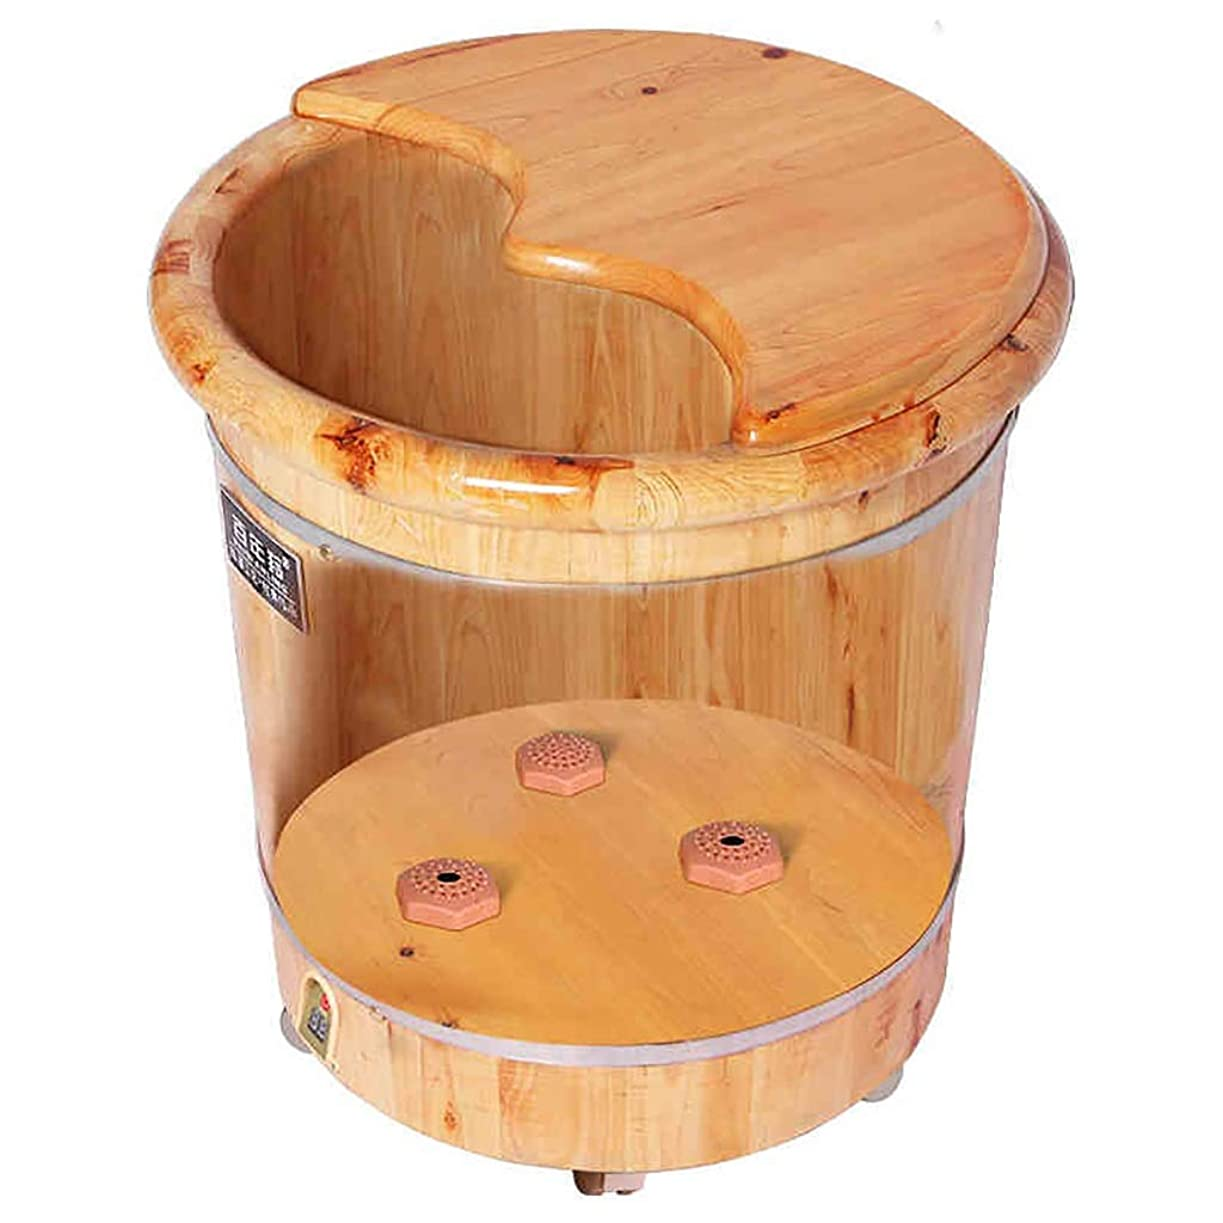 裏切り者市の中心部マトン足浴槽バスタブ家庭用木製指圧一定温度木製バレルフットバス加熱42CM高い